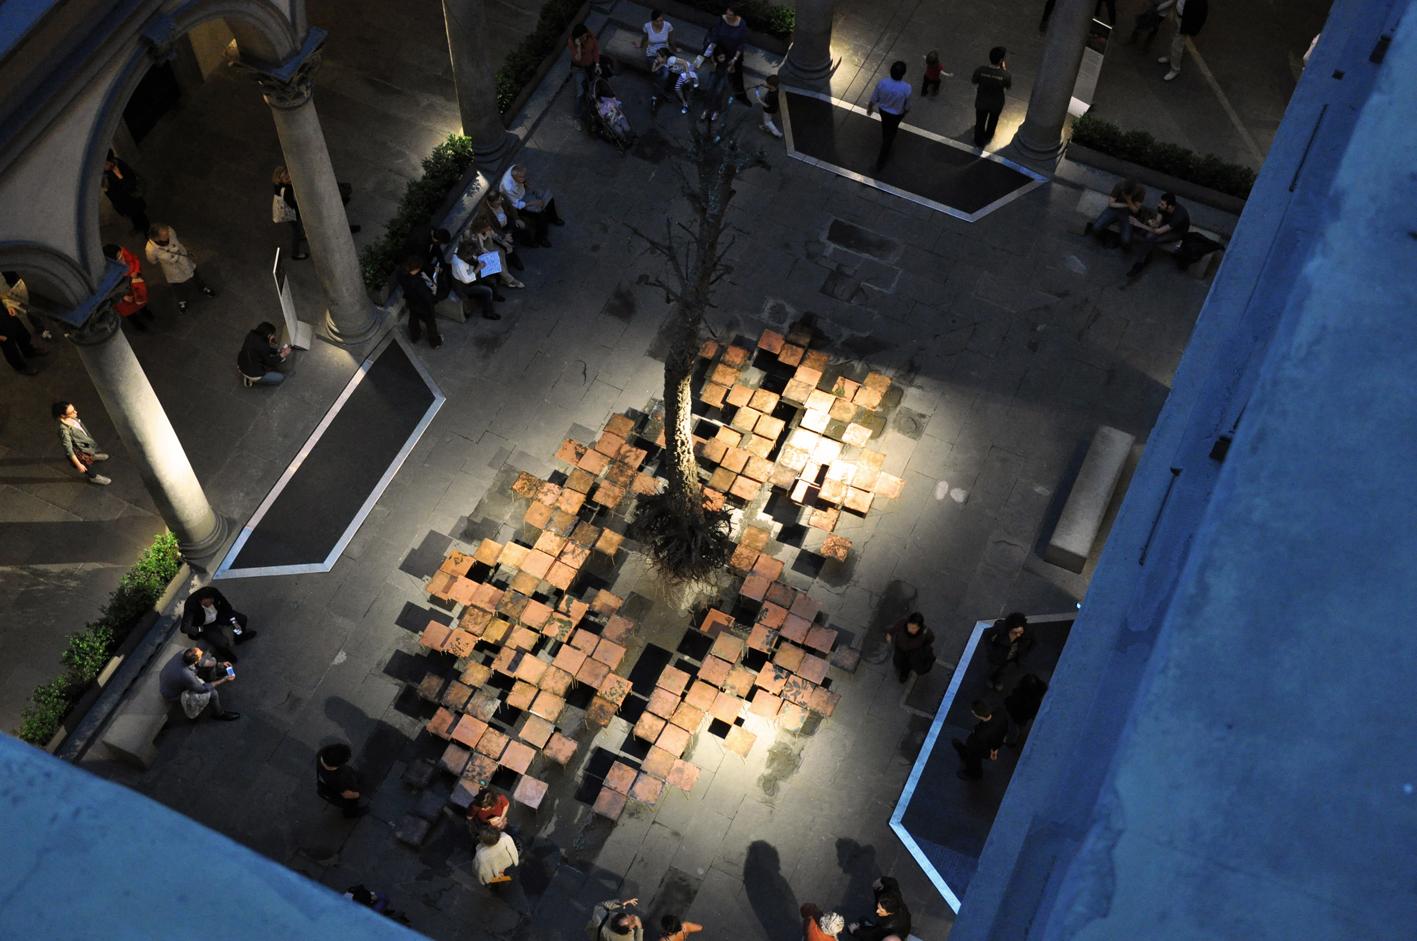 Federico Gori, installazione Di fragilità e potenza, 2013, Cortile di Palazzo Strozzi, Firenze